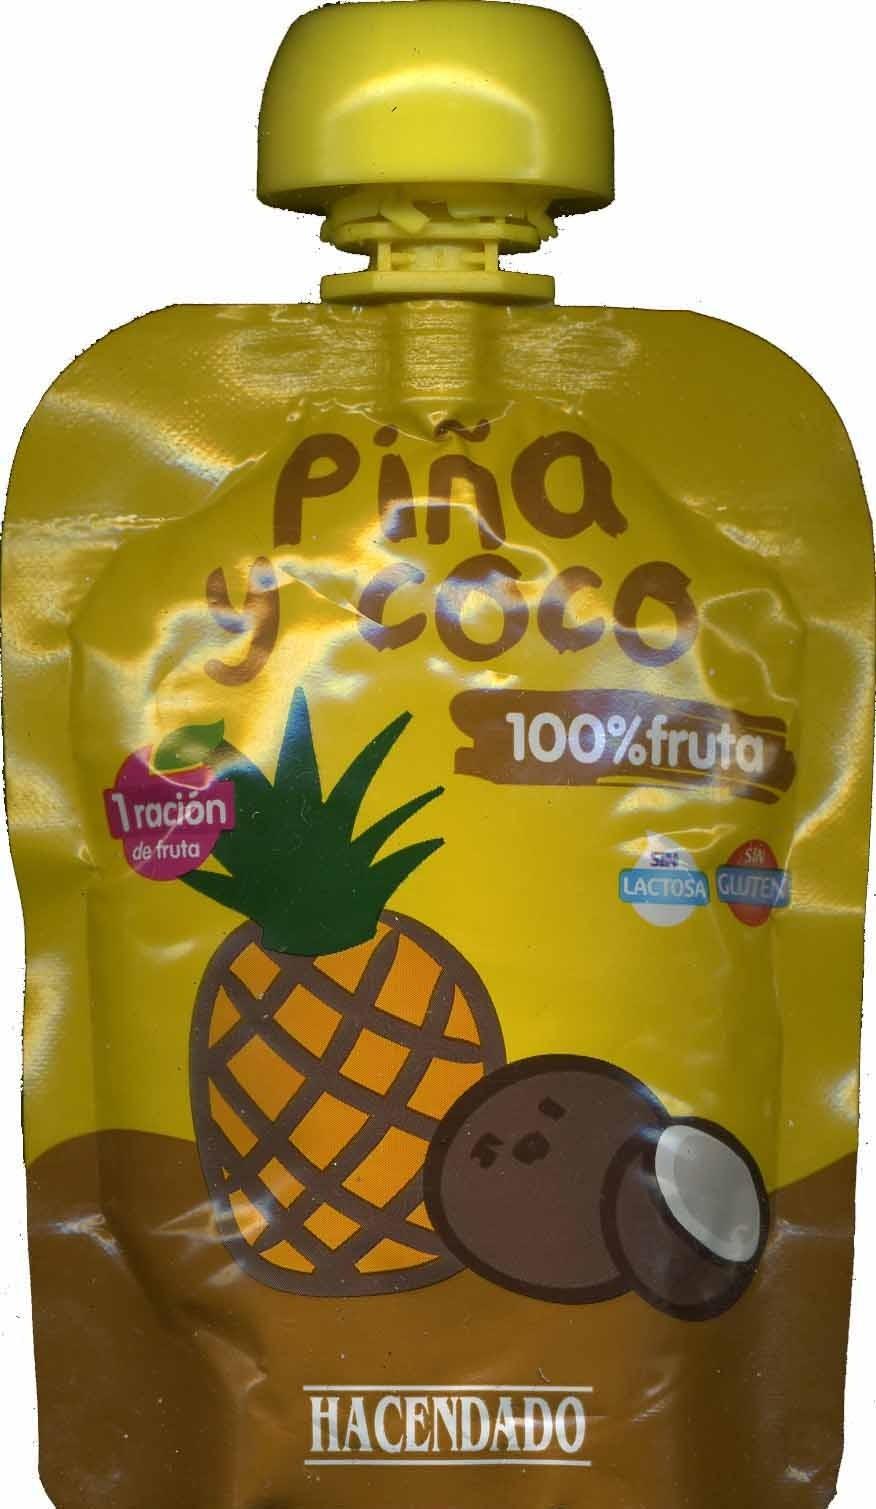 Pur de frutas pi a y coco hacendado 90 g - Pure de castanas y manzana ...